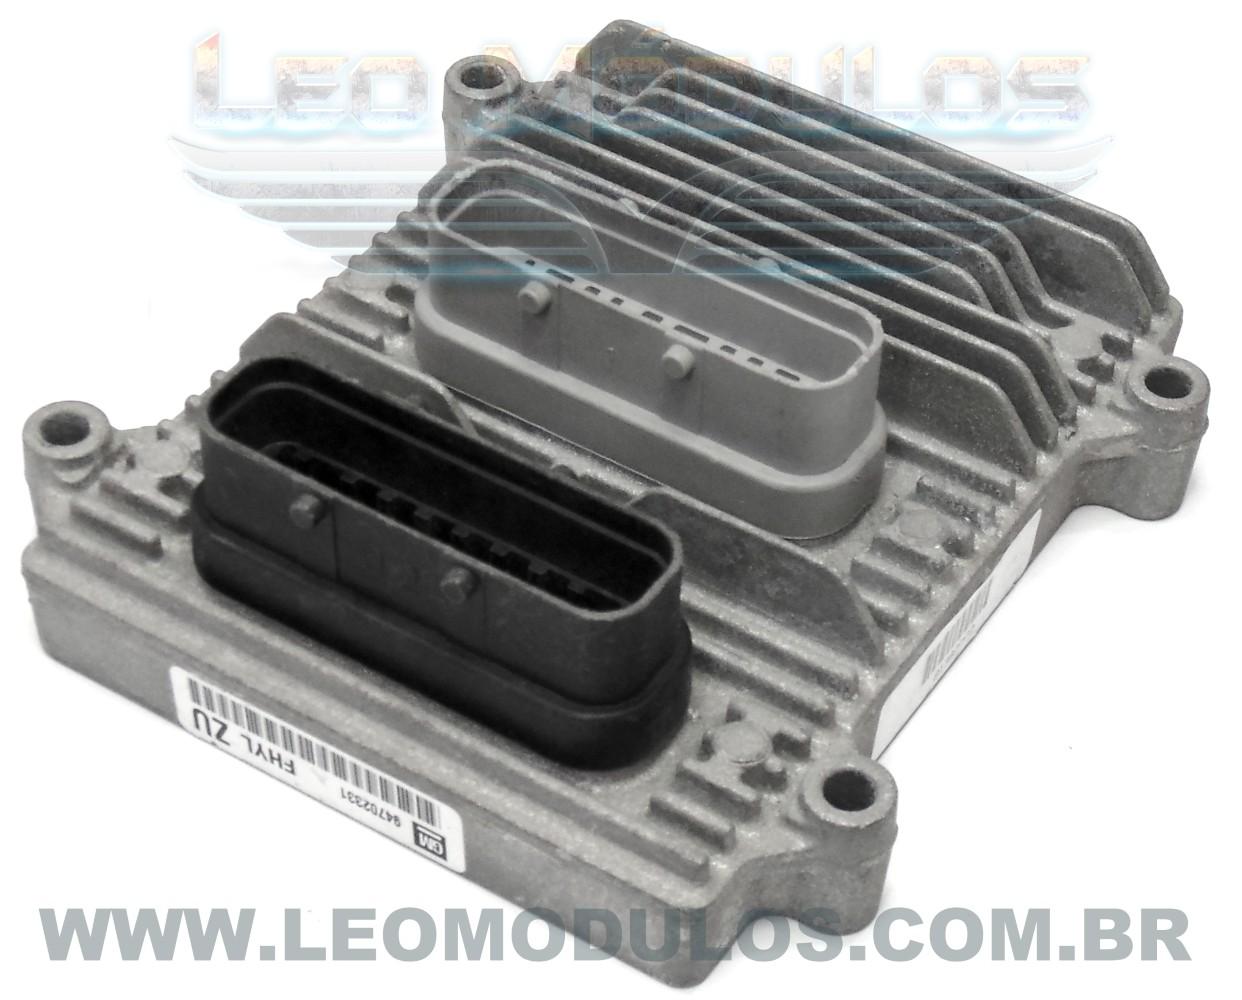 Módulo de injeção multec H - FHYL ZU 94702331 - Chevrolet Celta 1.0 8V Flex - FHYL ZU - Leo Módulos